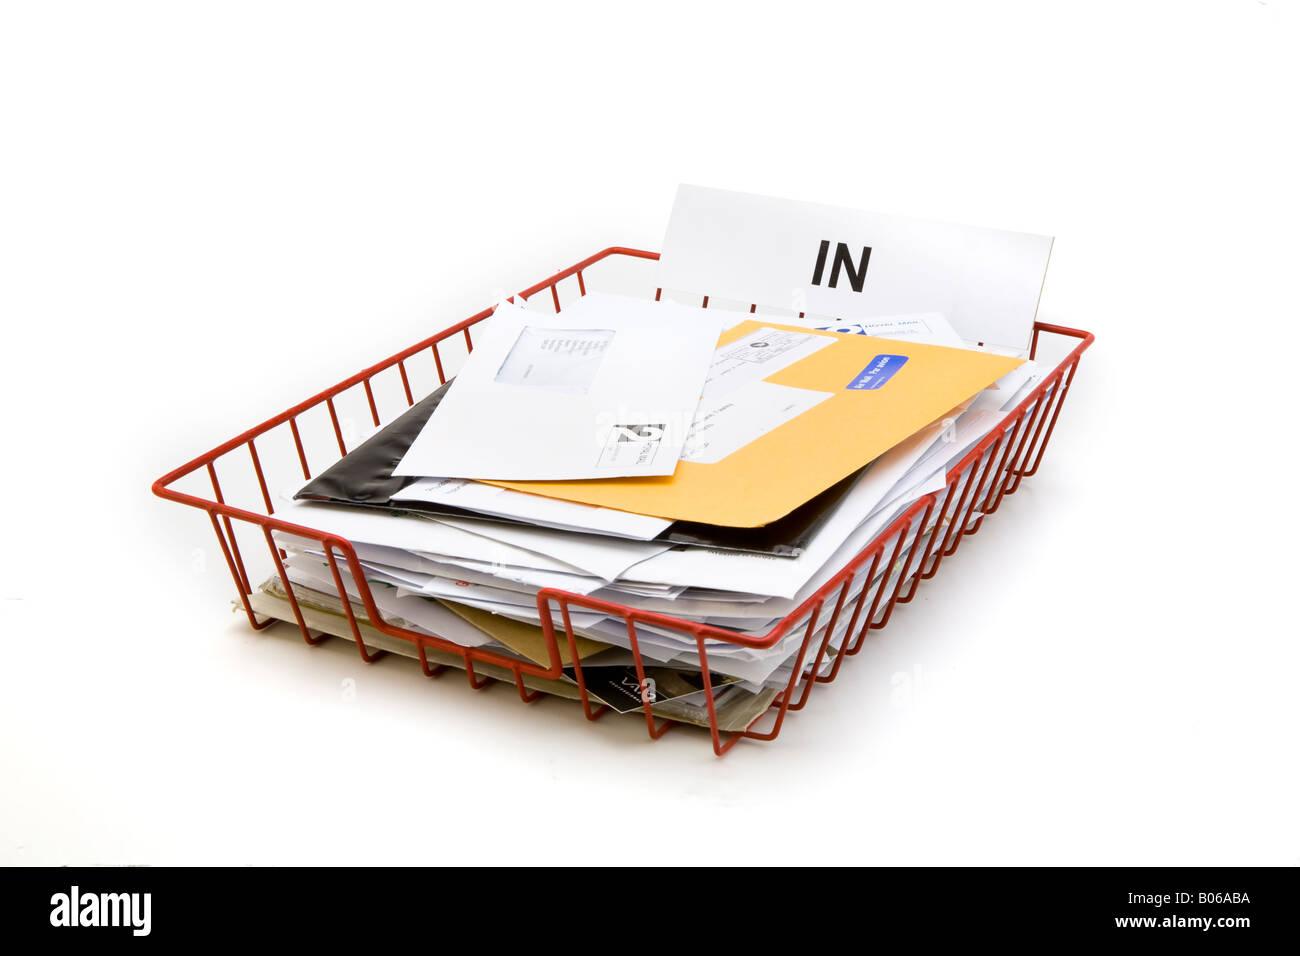 volle rote Draht Gitter Büro Post im Tray für eingehende Post Briefe ...